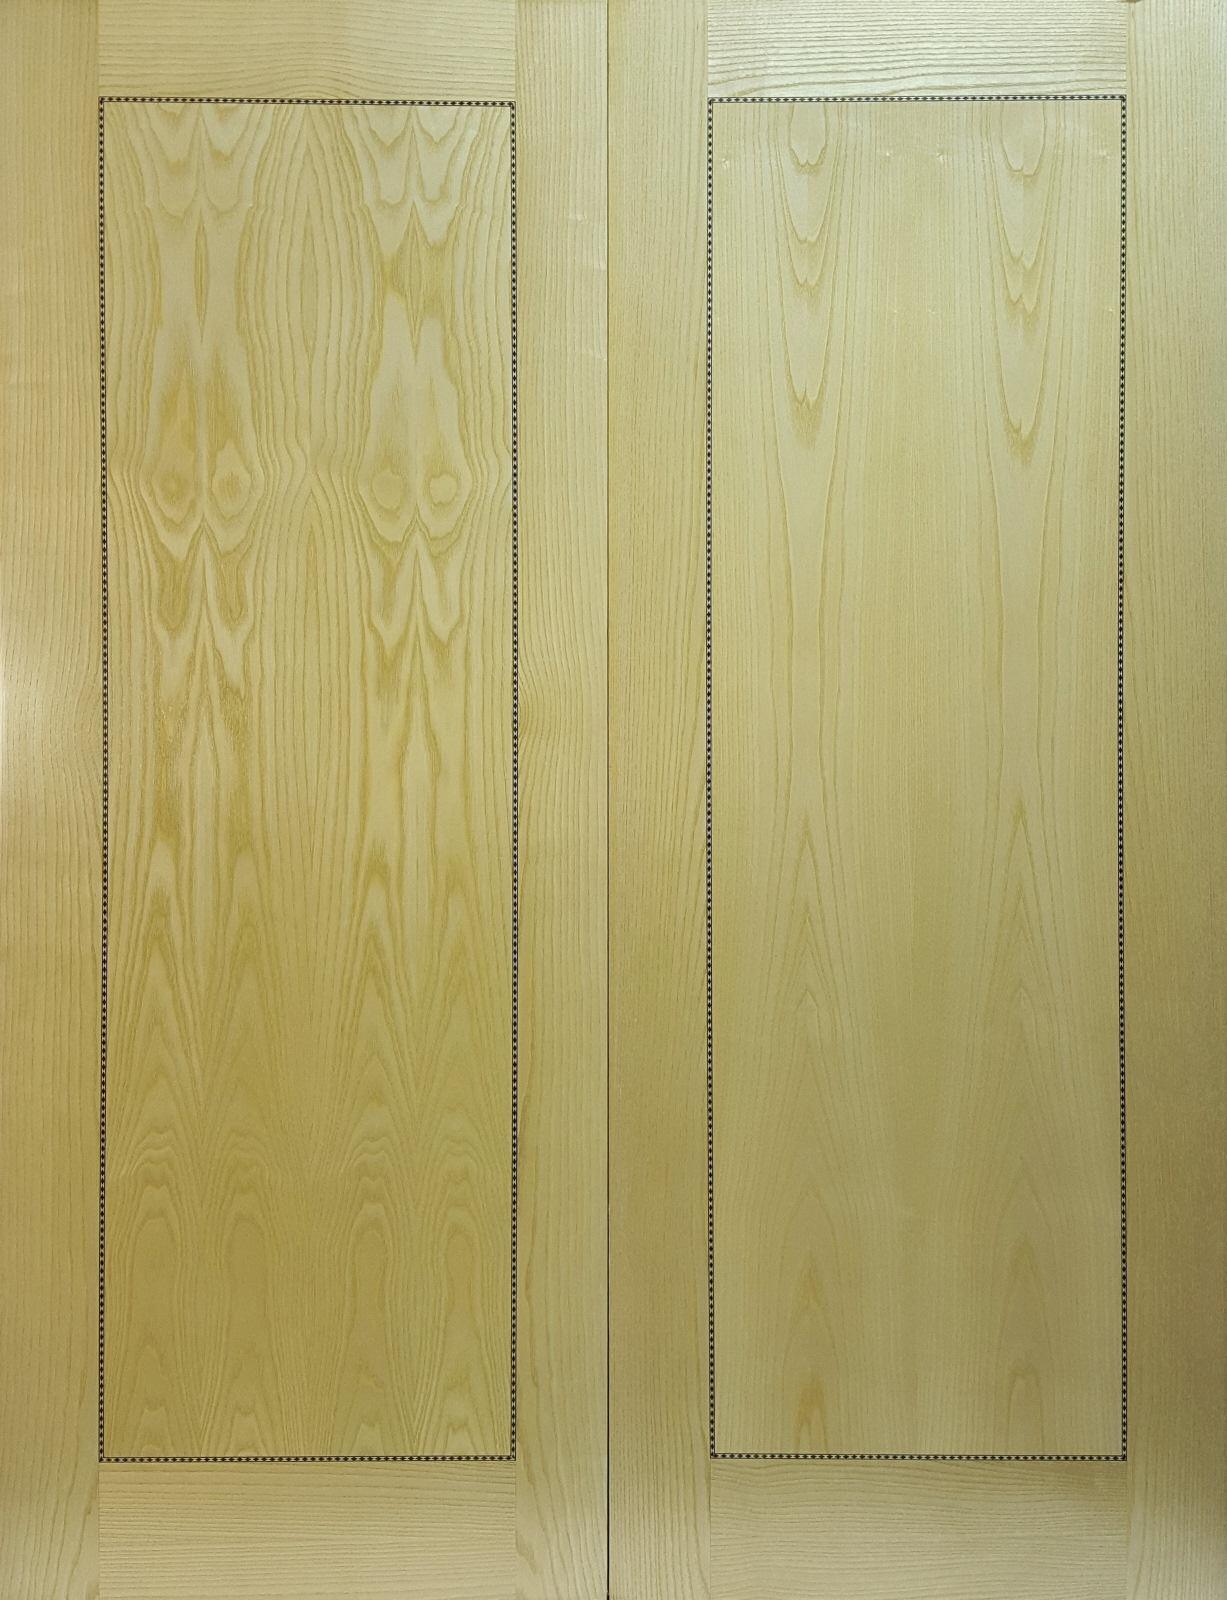 ash-FD30-fire-door-set-twin-leaf.jpg & DIY Store: Builders Merchant: Worktops Doors Bedrooms Furniture Hardware